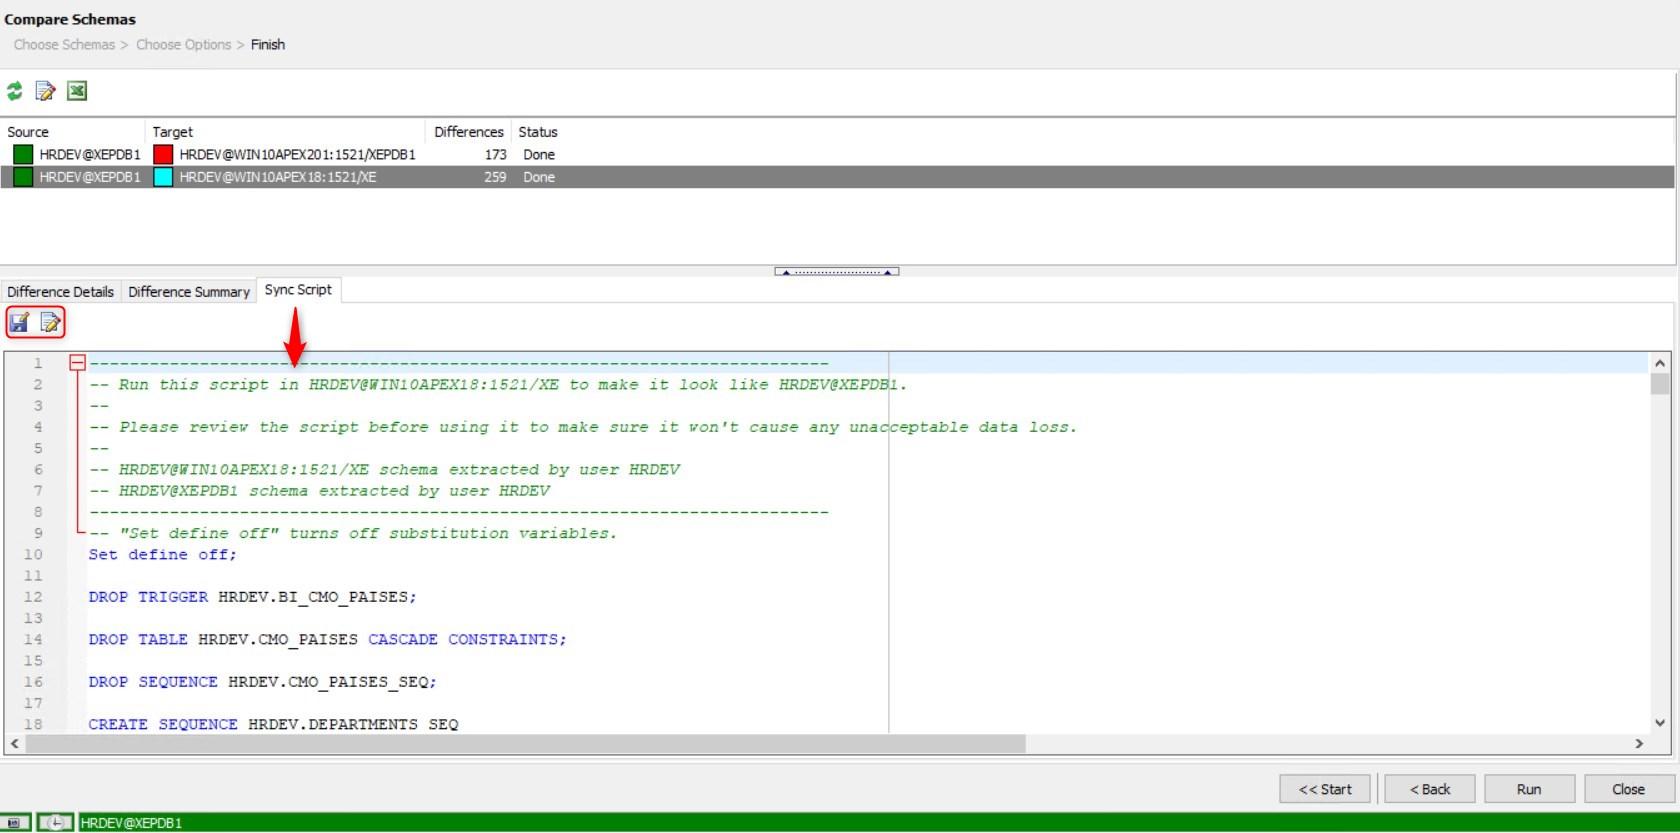 Figure 14: Compare Schemas – Sync Script Tab